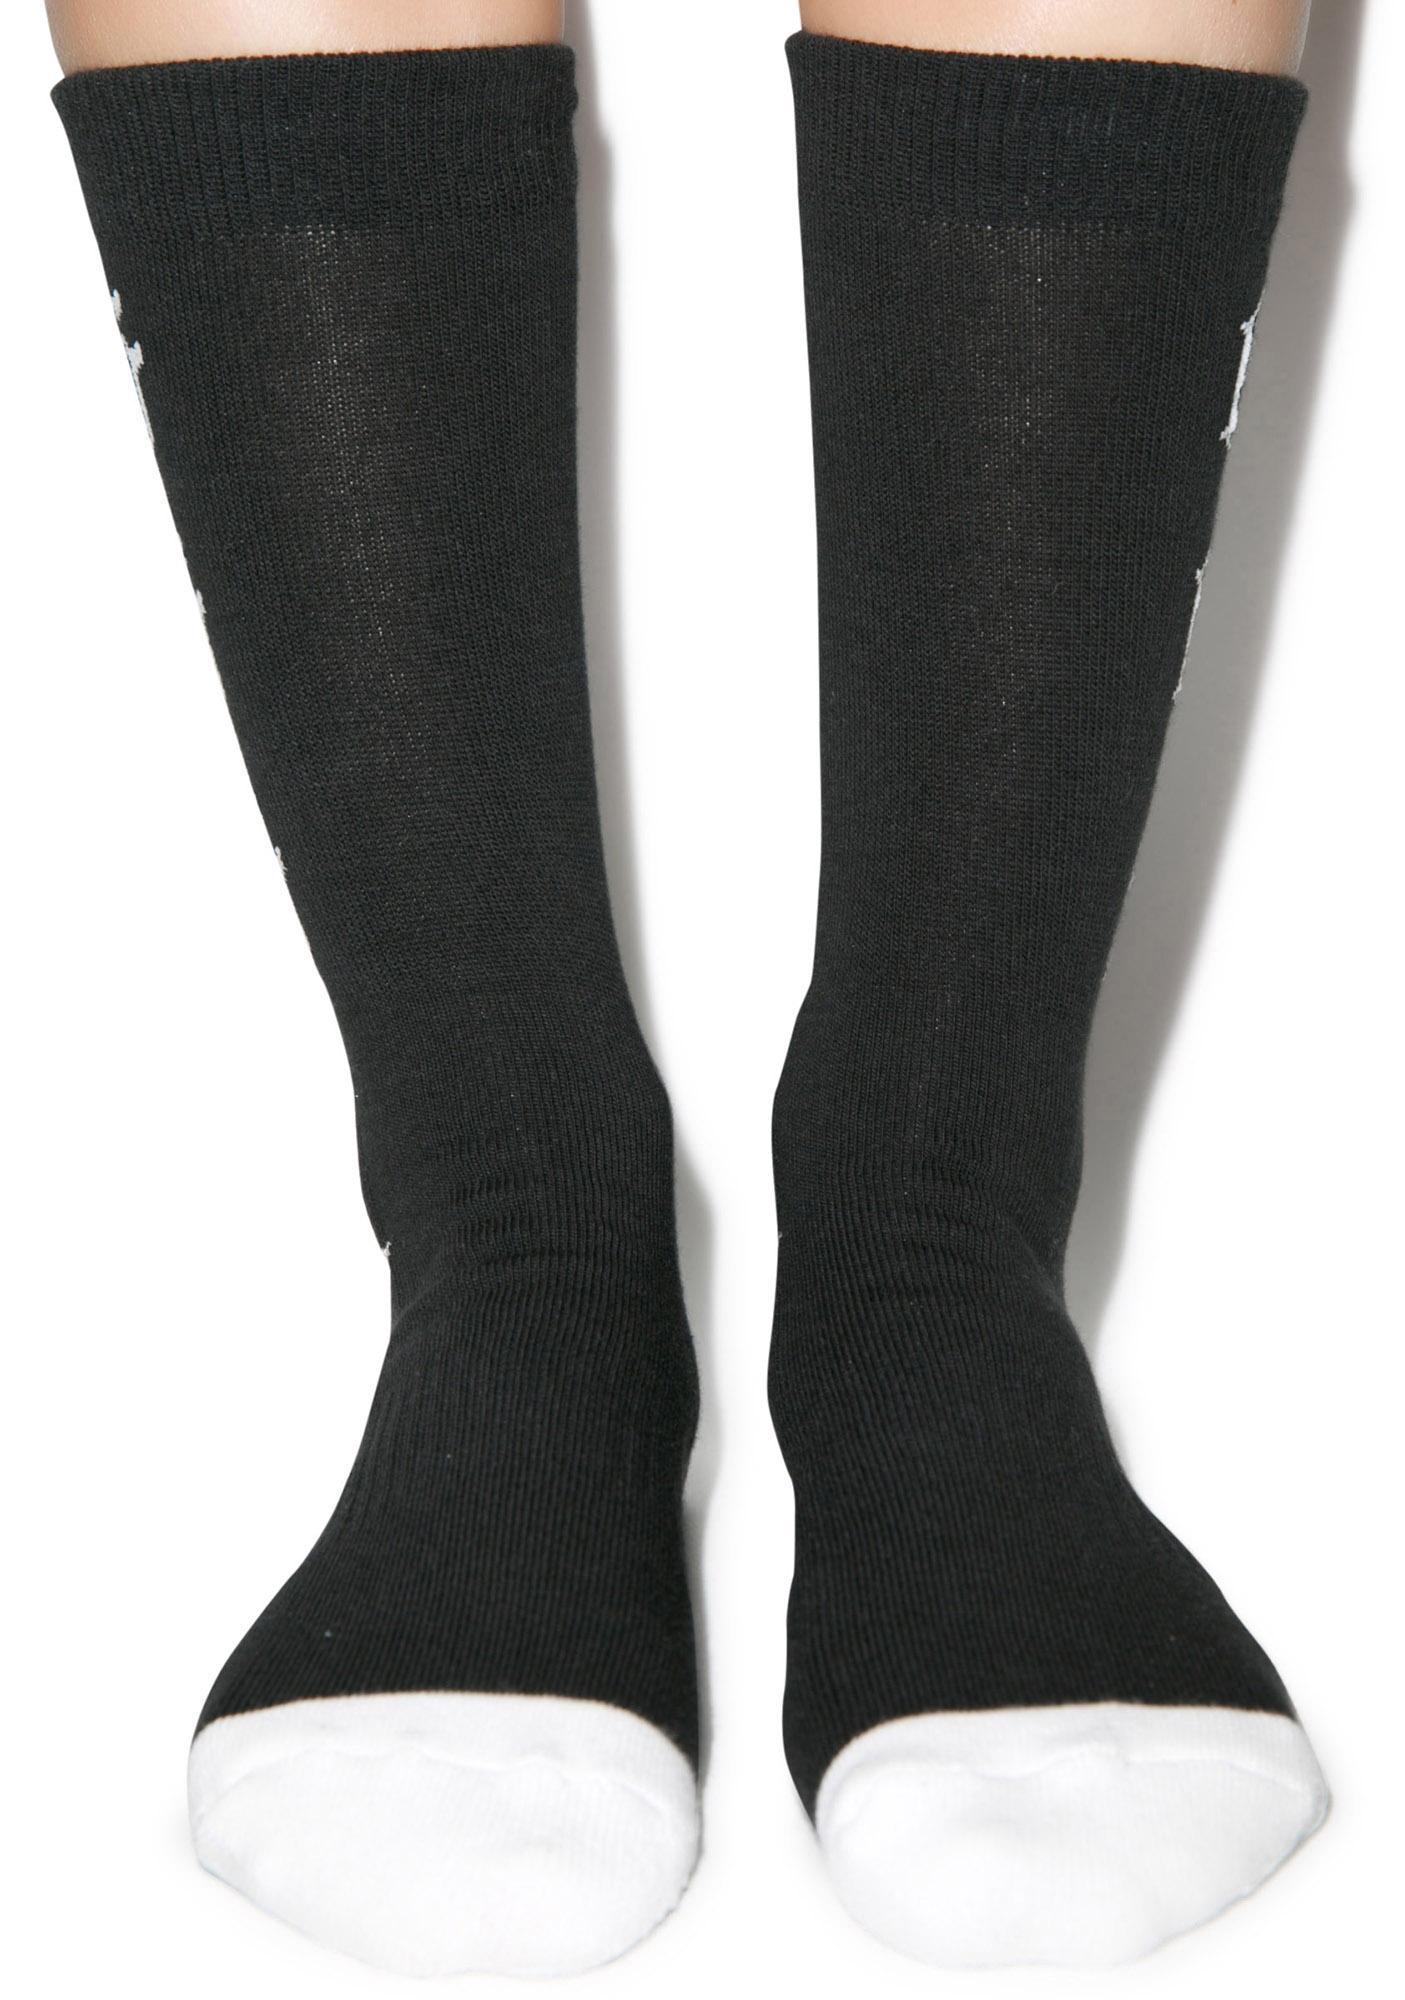 Blackcraft 666 Socks